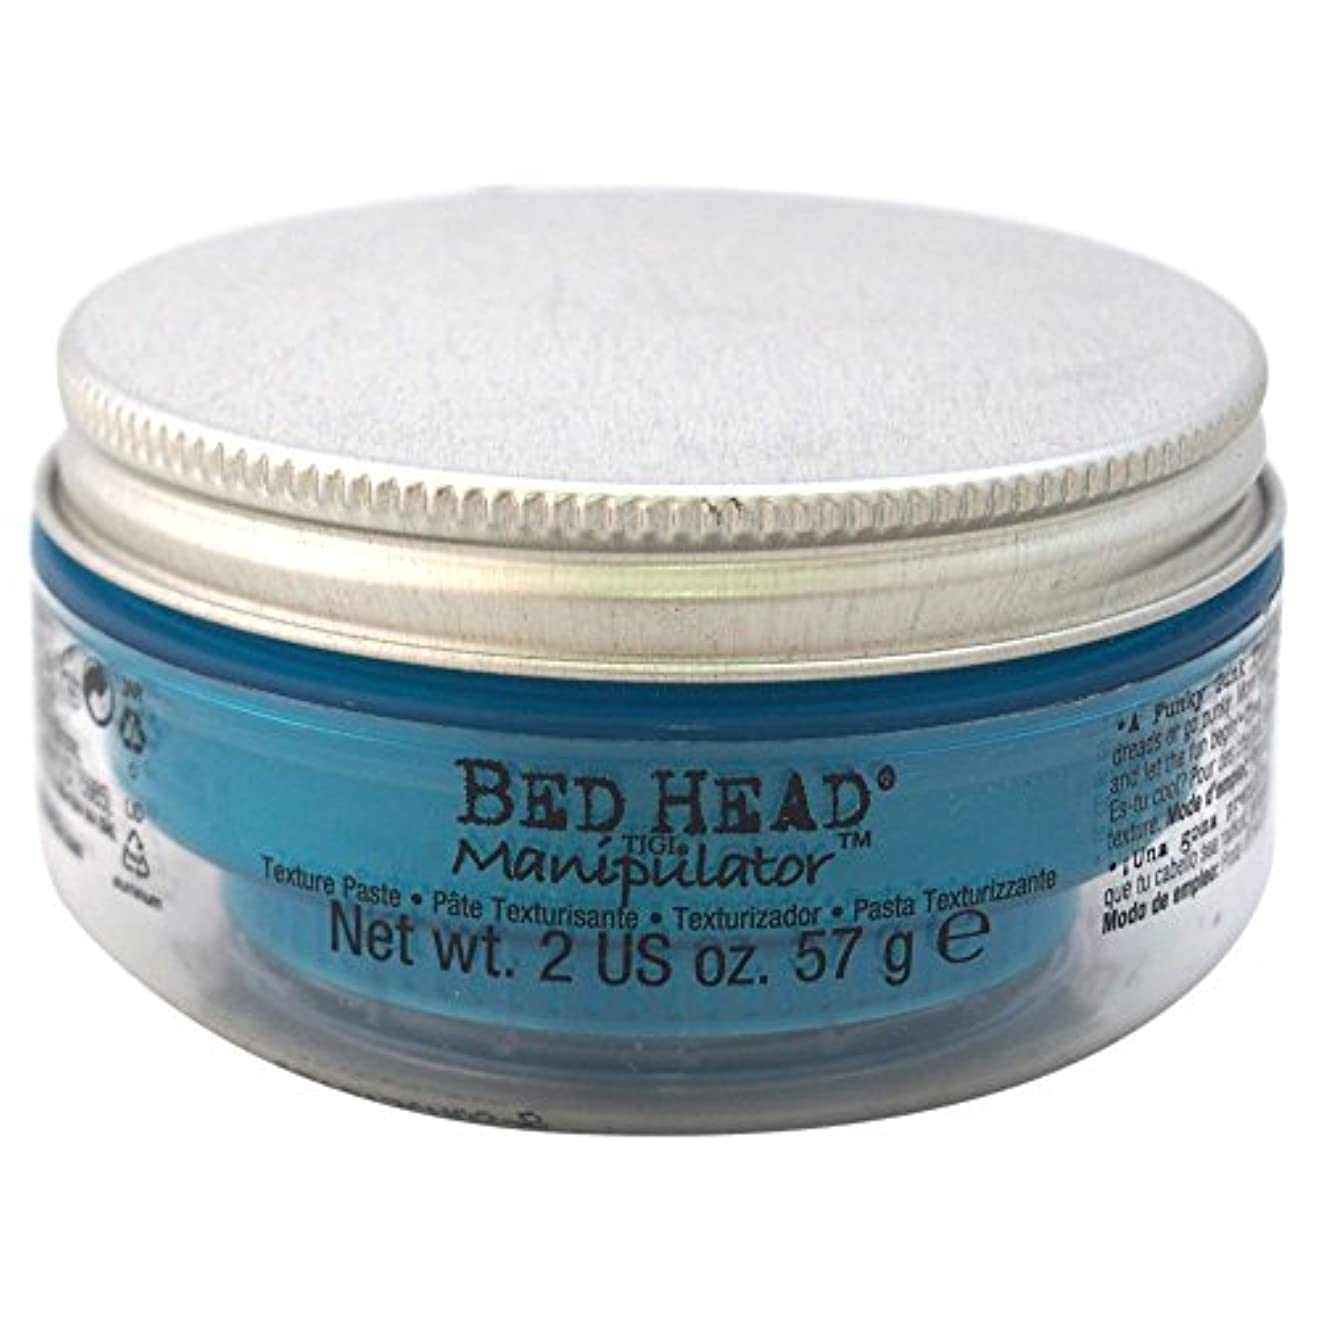 軽減する支援するルートティジー ベッドヘッドマニピュレーター テキシチヤ ペースト Tigi Bed Head Manipulator Texture Paste 57 ml [並行輸入品]